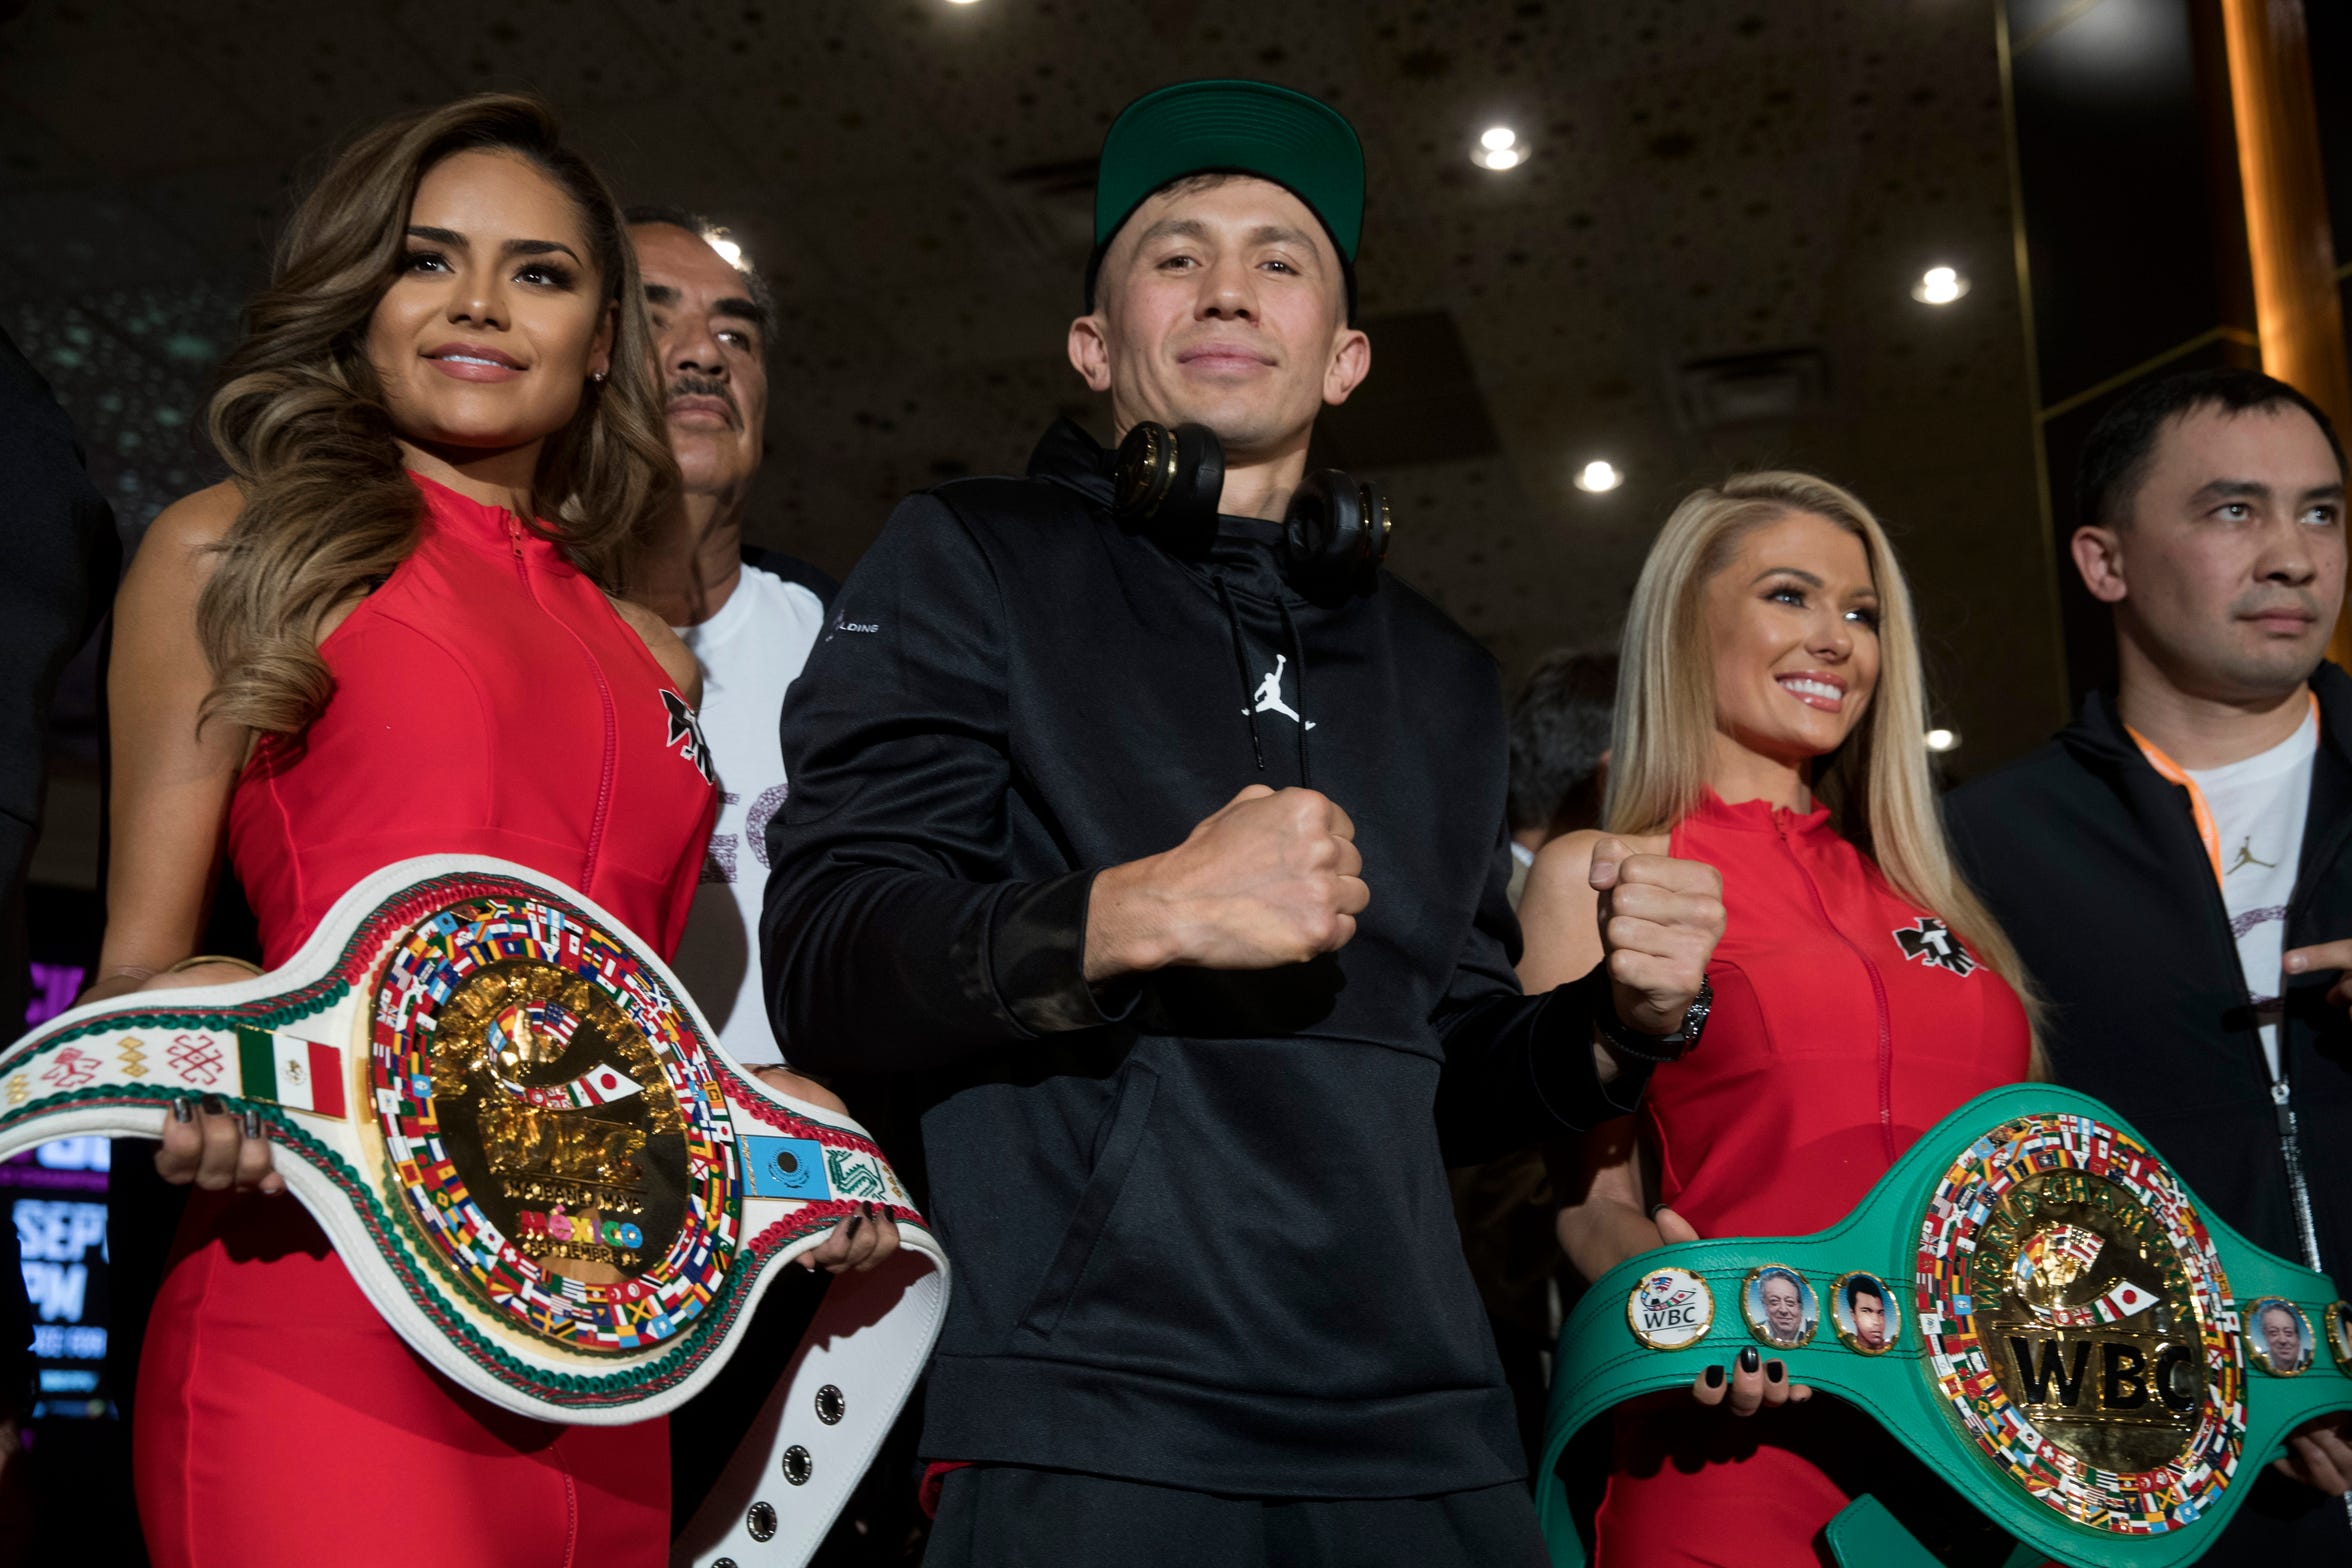 Gennady Golovkin posa junto a sus cinturones, en la última rueda de prensa previo a la pelea del sábado, celebrada el miércoles 12 de septiembre.